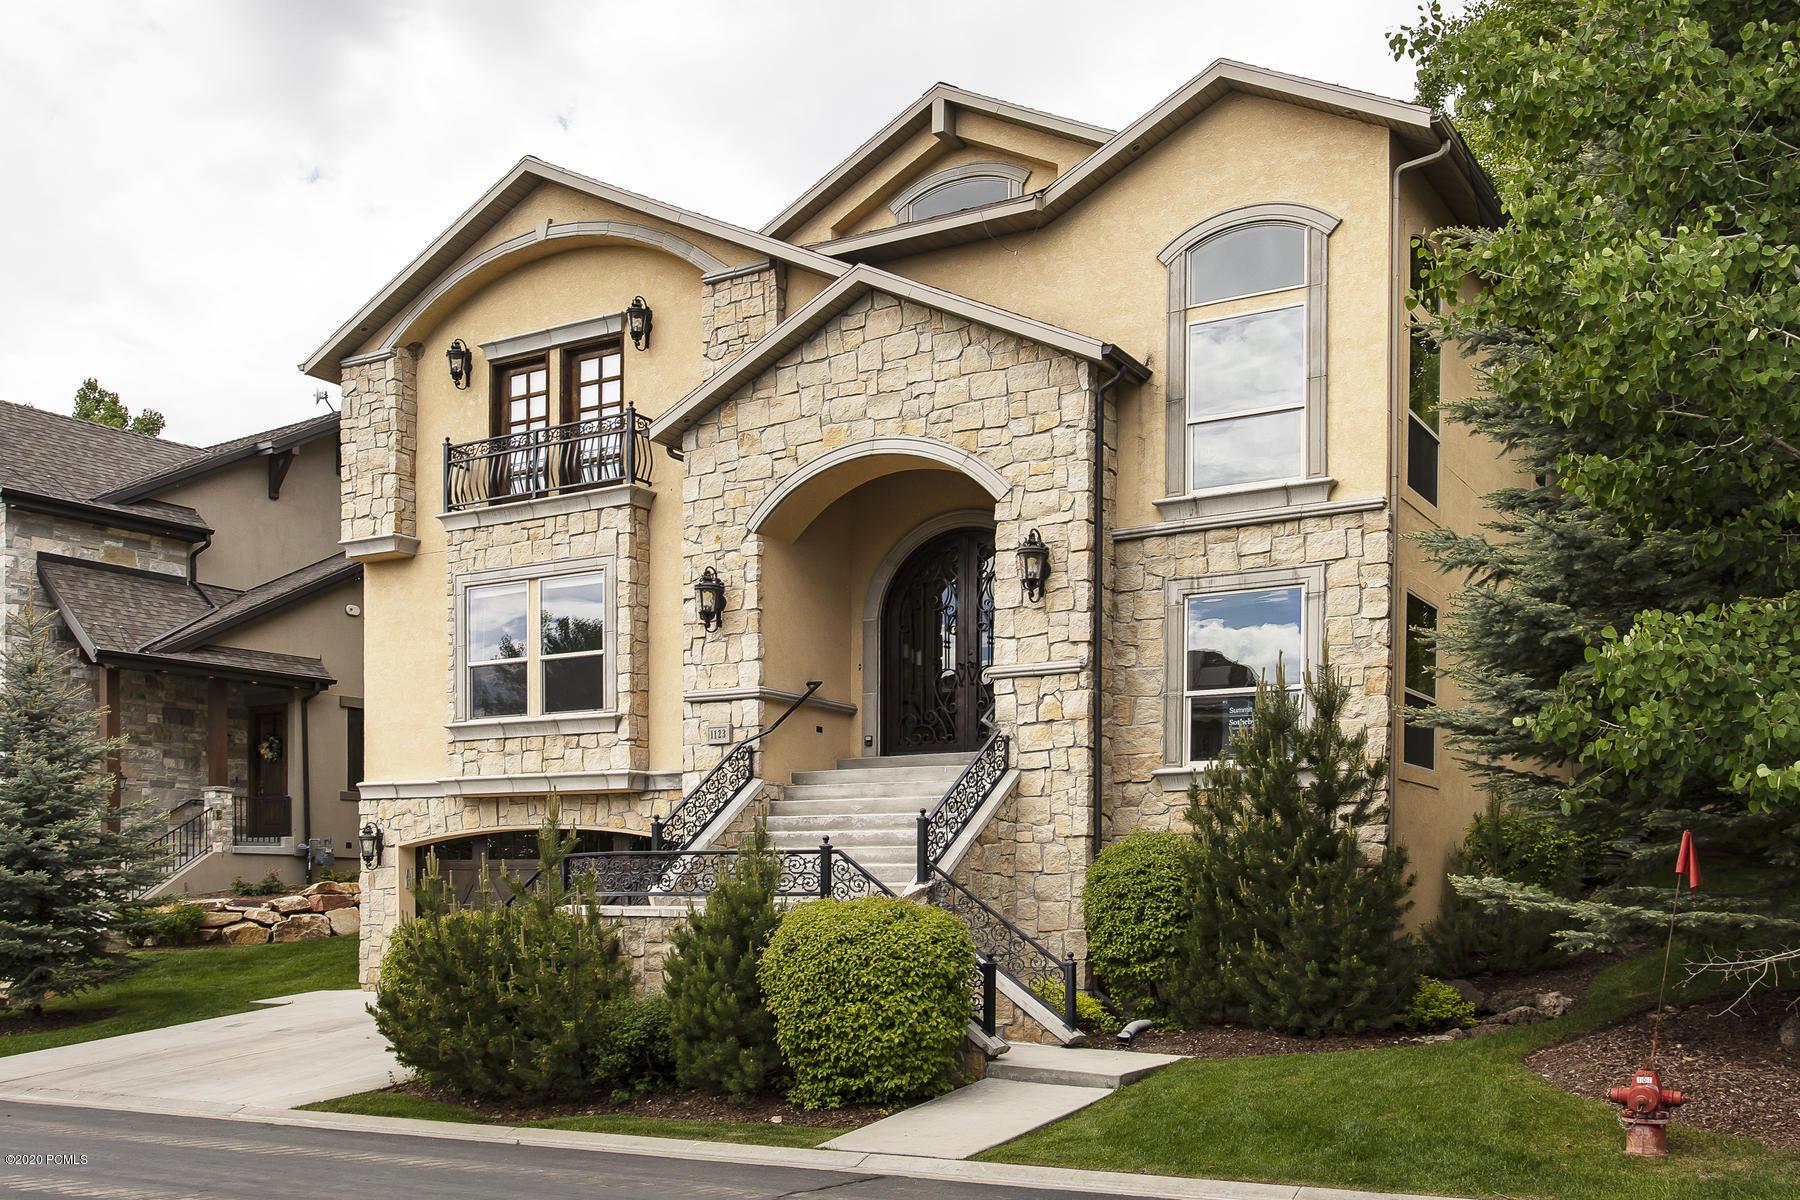 1123 Warm Springs Road, Midway, Utah 84049, 5 Bedrooms Bedrooms, ,5 BathroomsBathrooms,Single Family,For Sale,Warm Springs,20190109112430415765000000